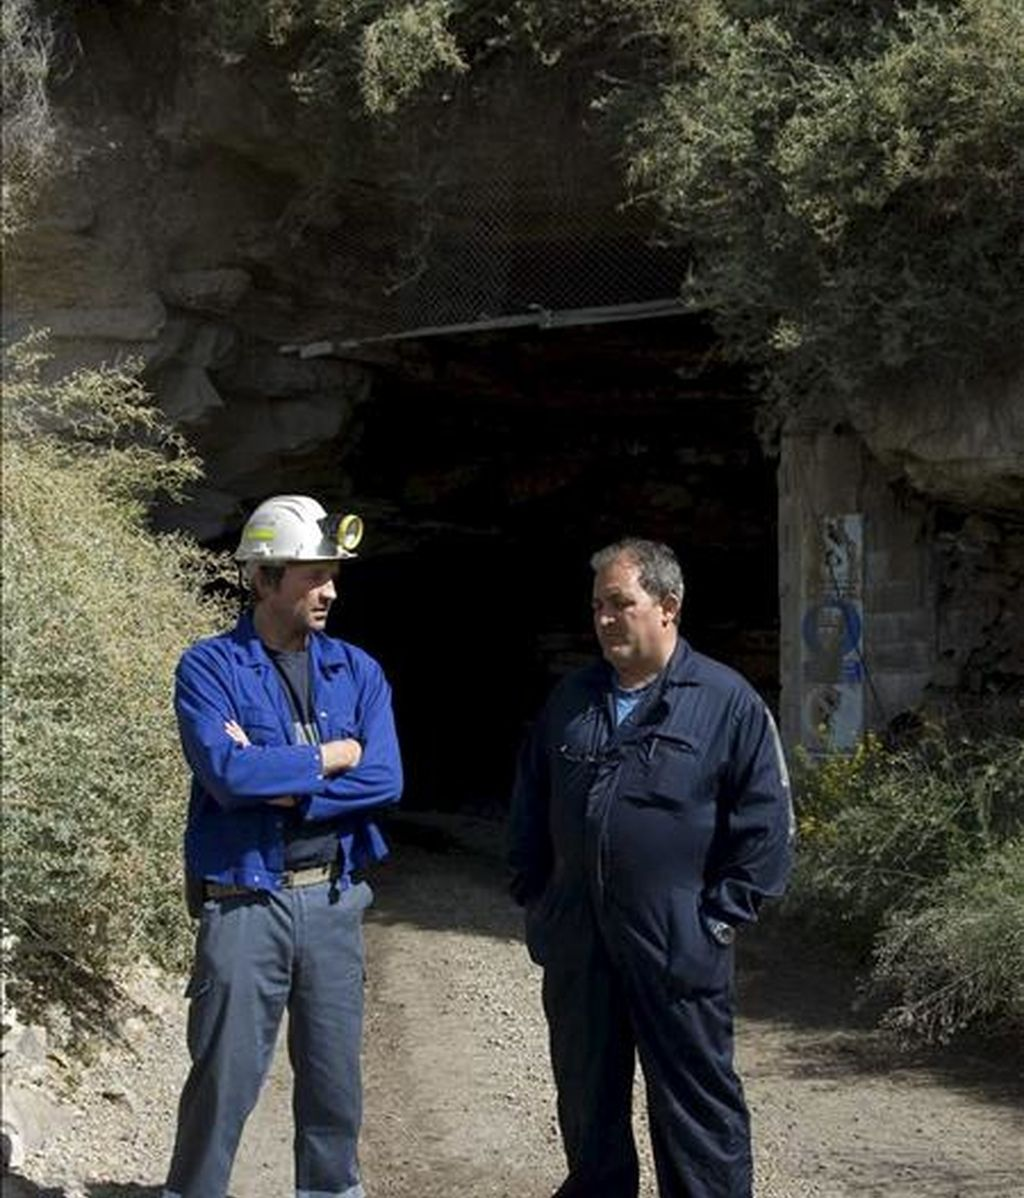 El delegado de UGT en la mina de carbón de Seròs (Lleida), Jesús Pi (d), conversa con un compañero a la entrada de la mina. EFE/Archivo